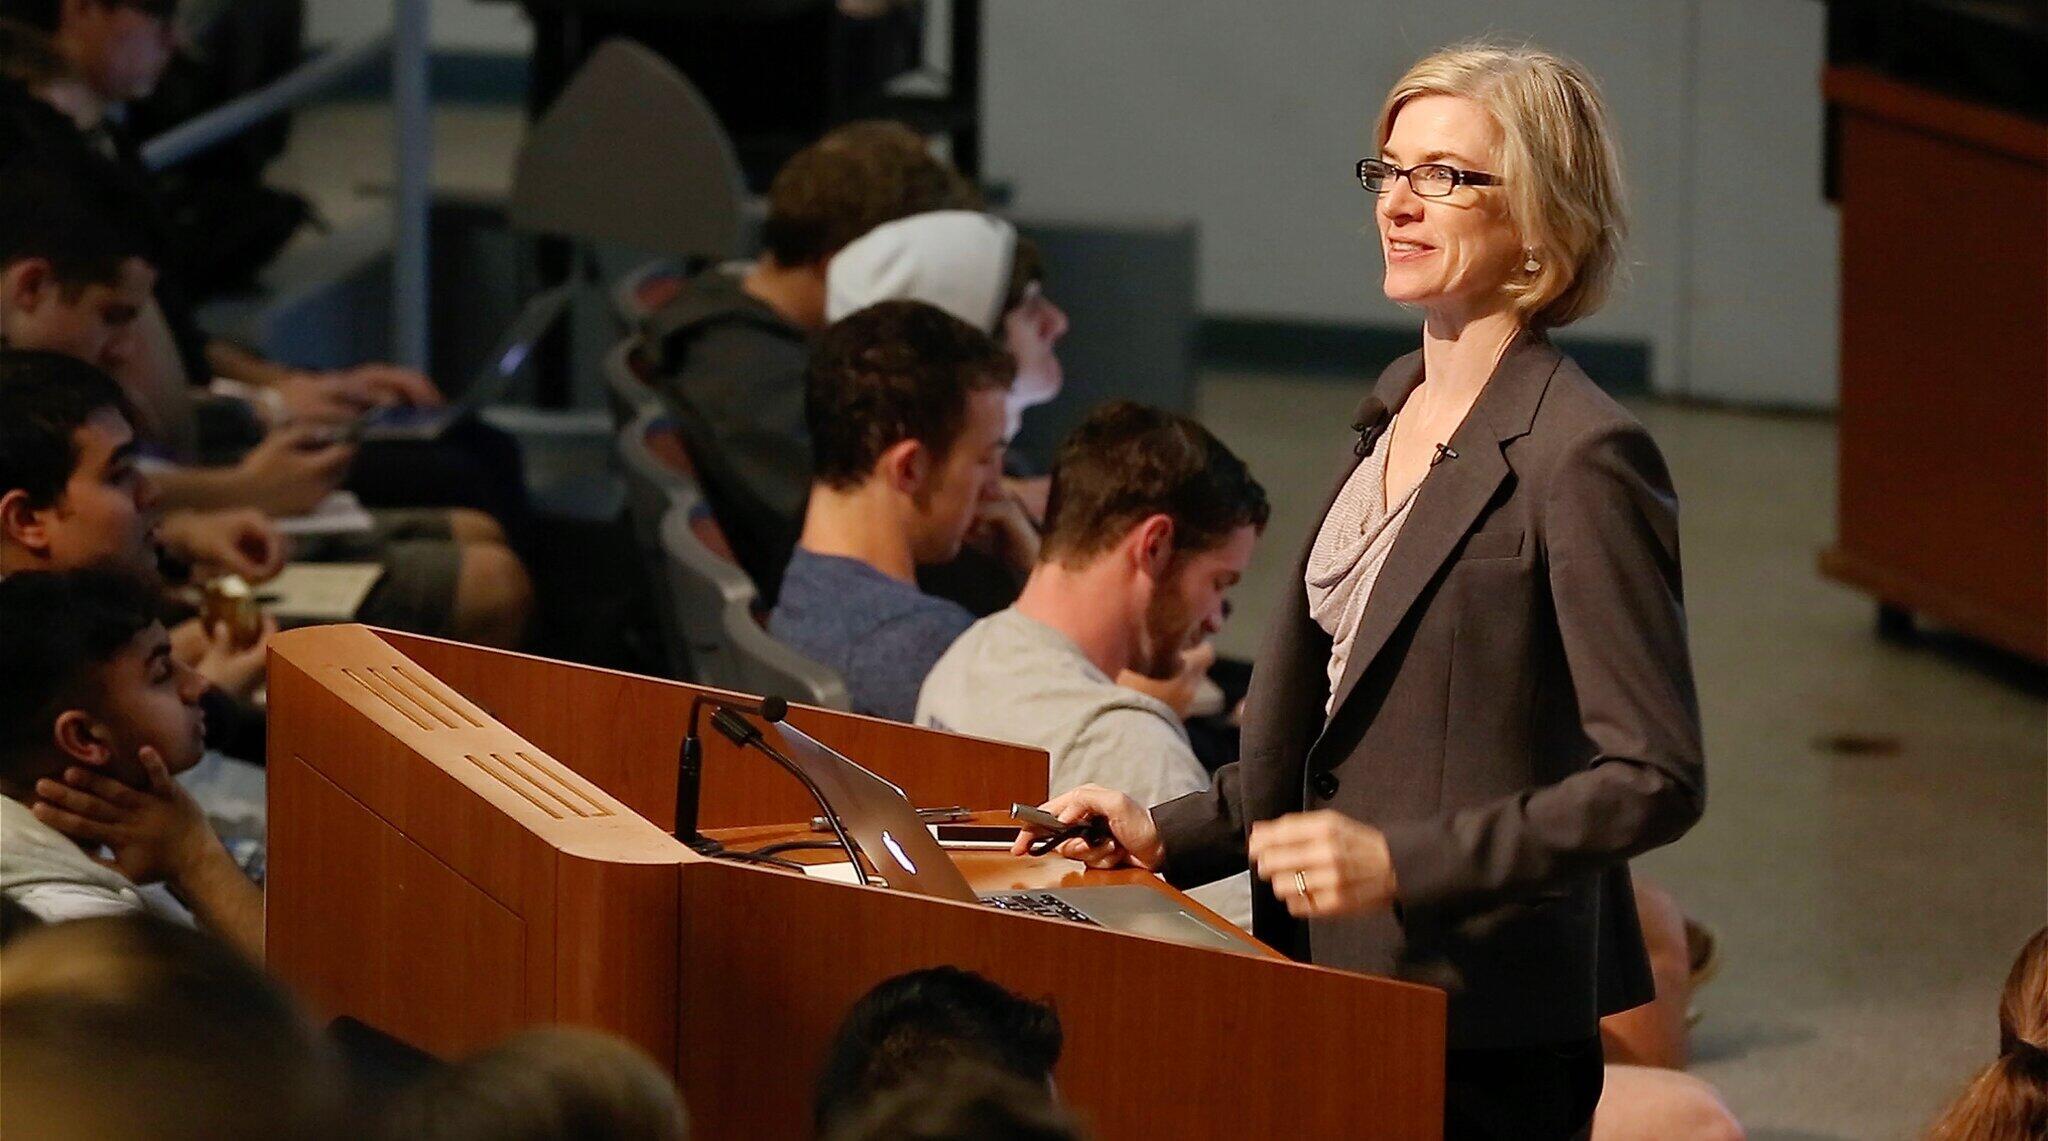 Jennifer Doudna in class lecturing